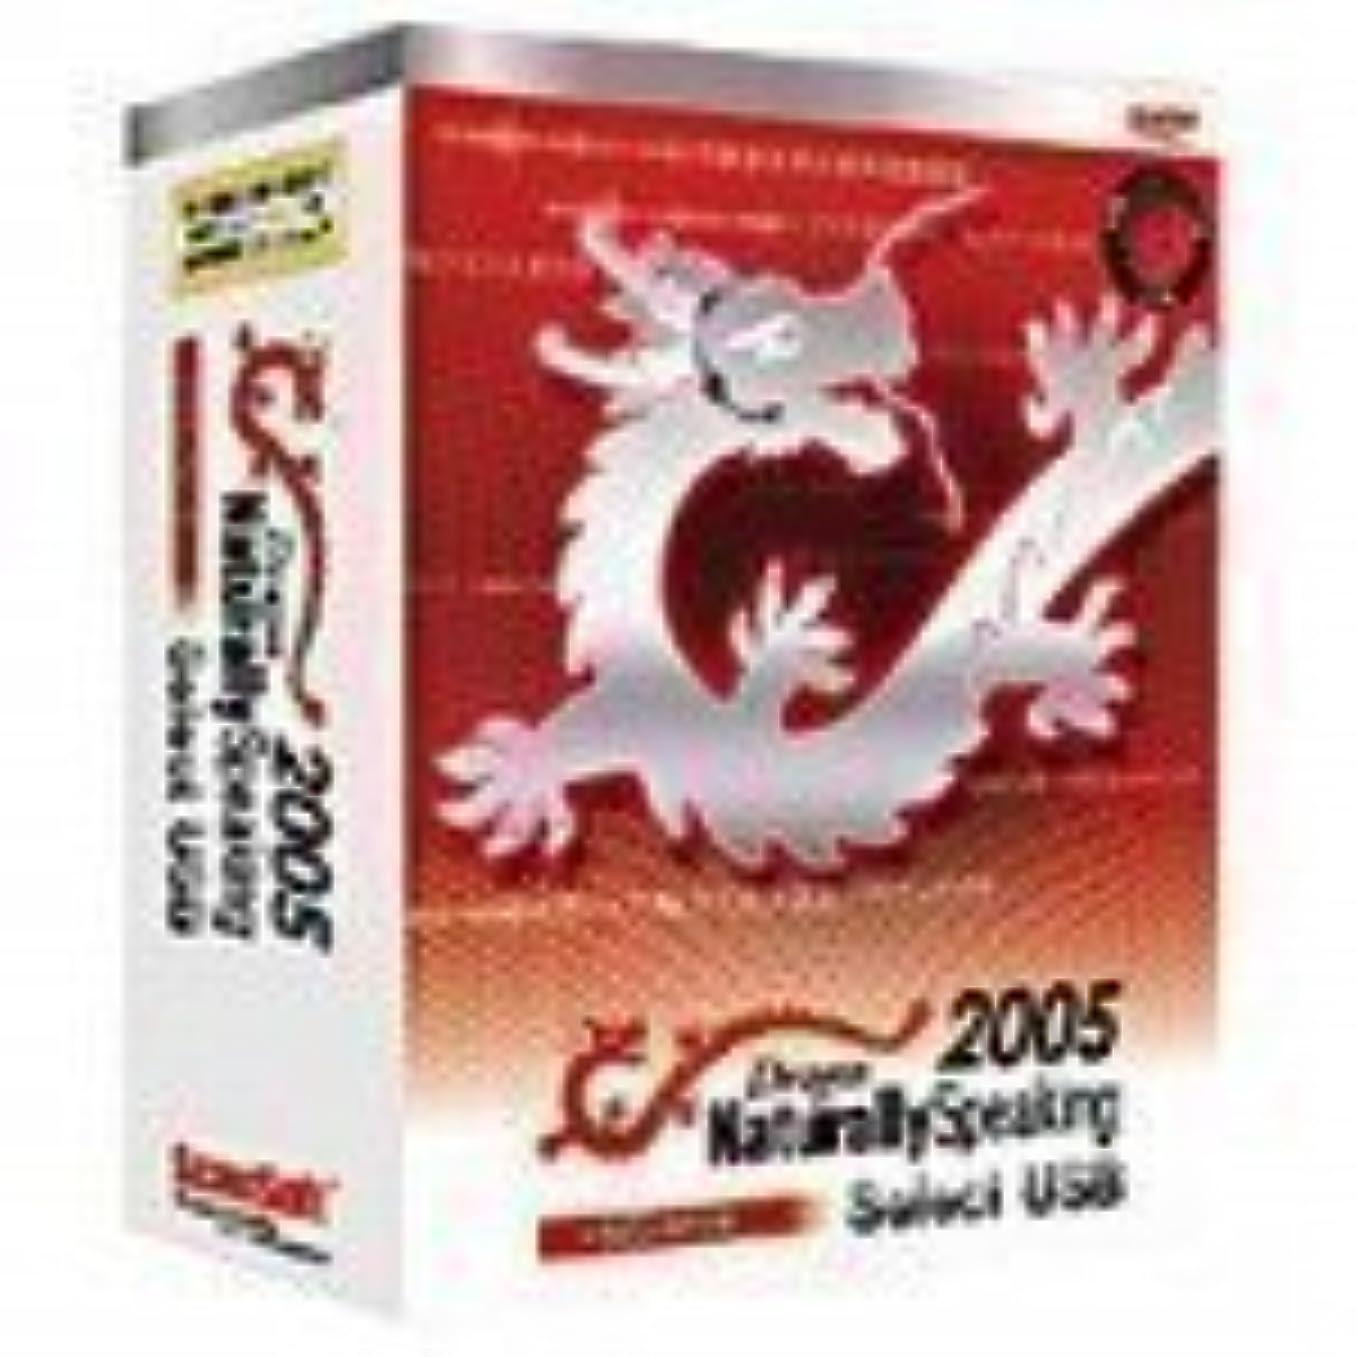 リスク歴史家科学Dragon NaturallySpeaking 2005 Select USB